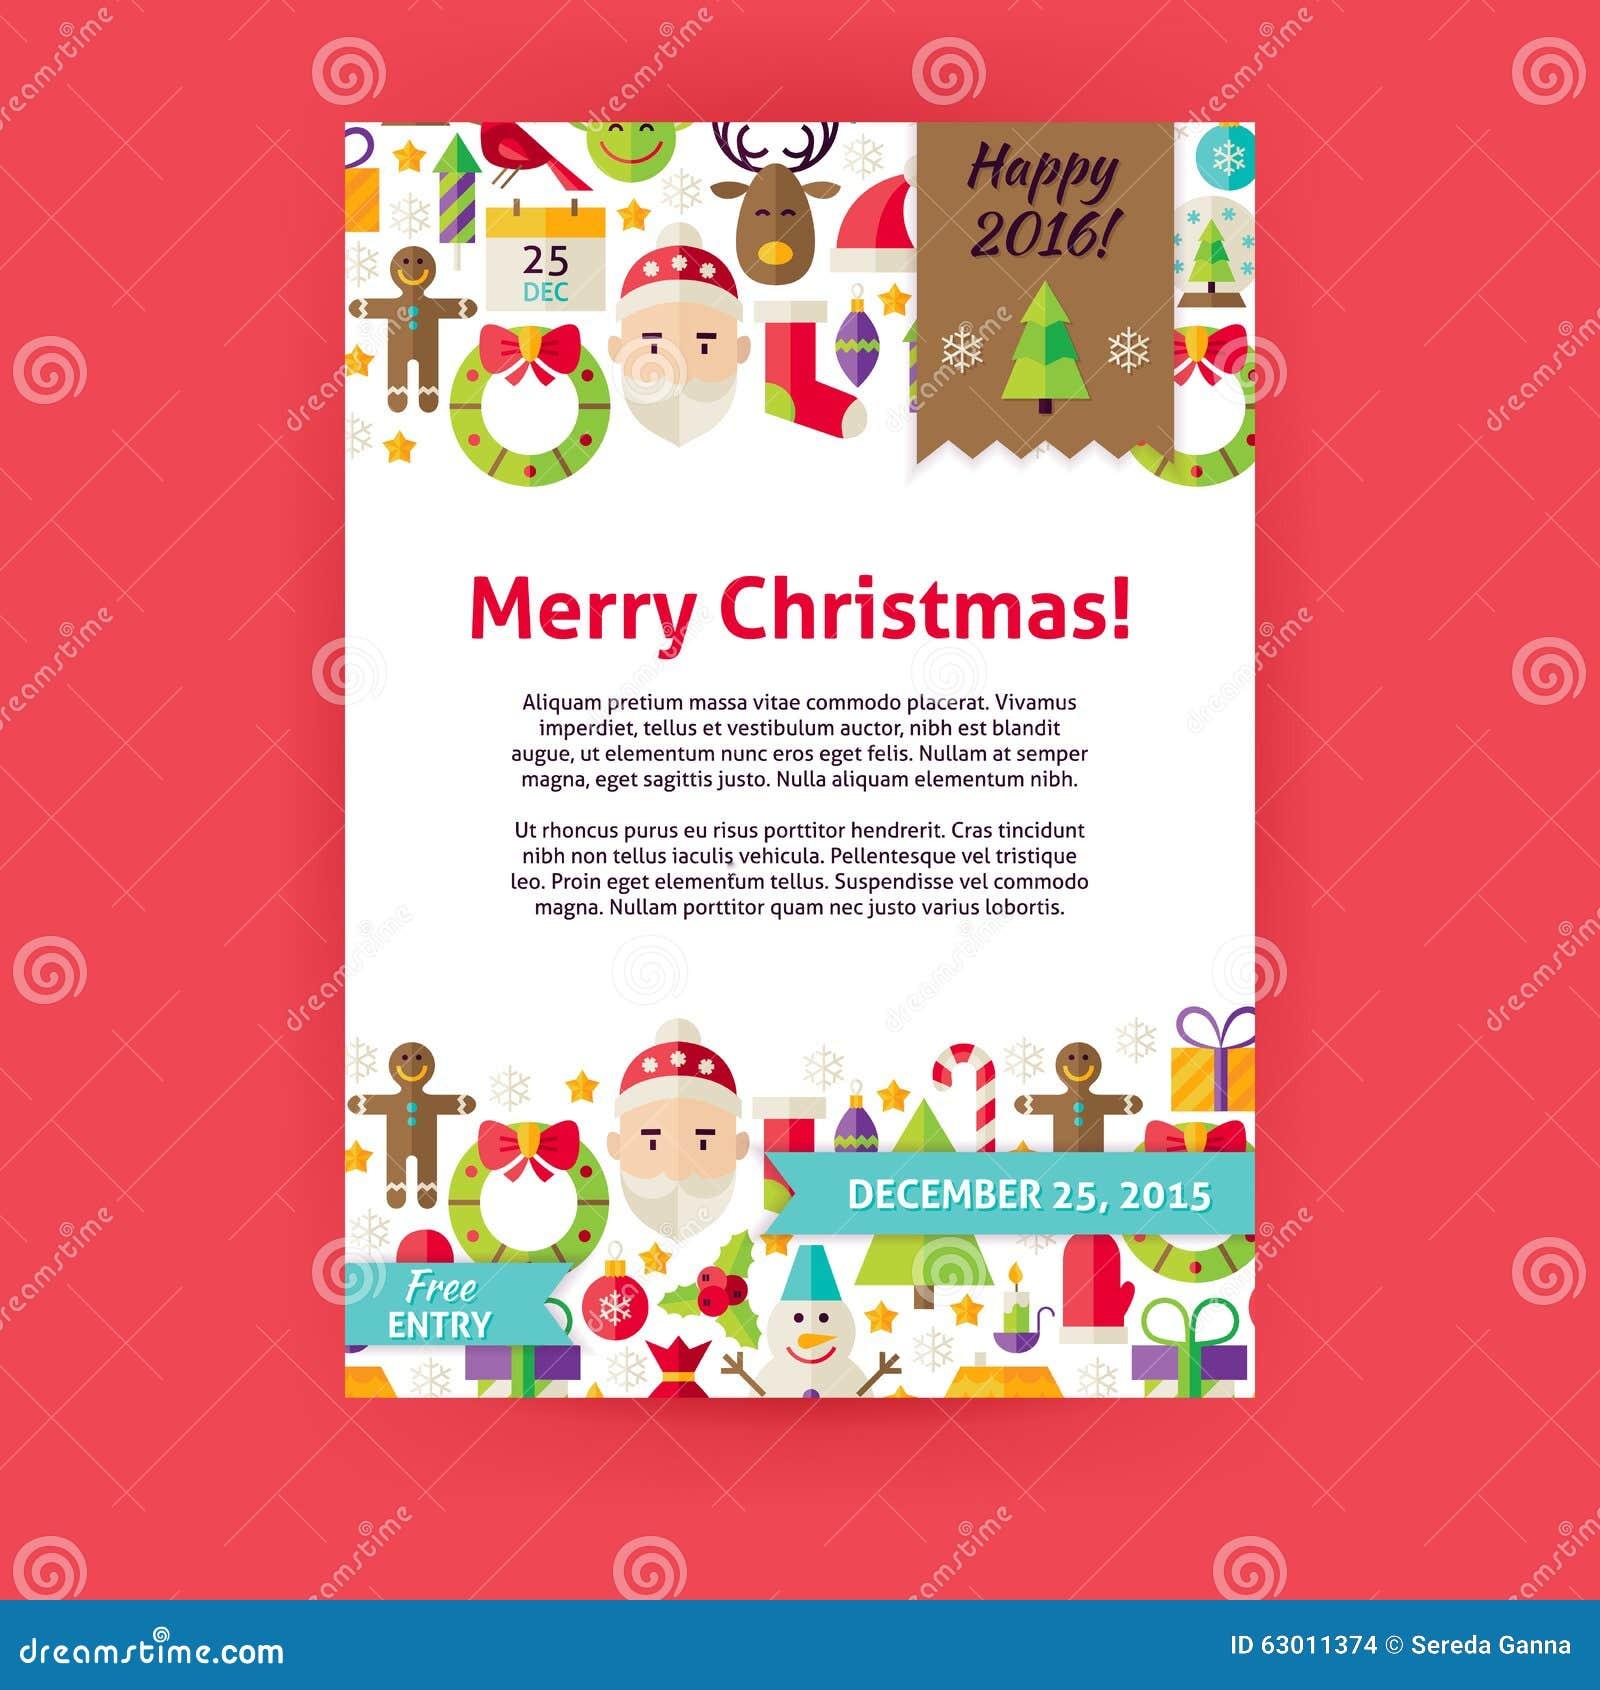 Moderno Plantilla De Fiesta De Navidad Gratis Imagen - Ejemplo De ...